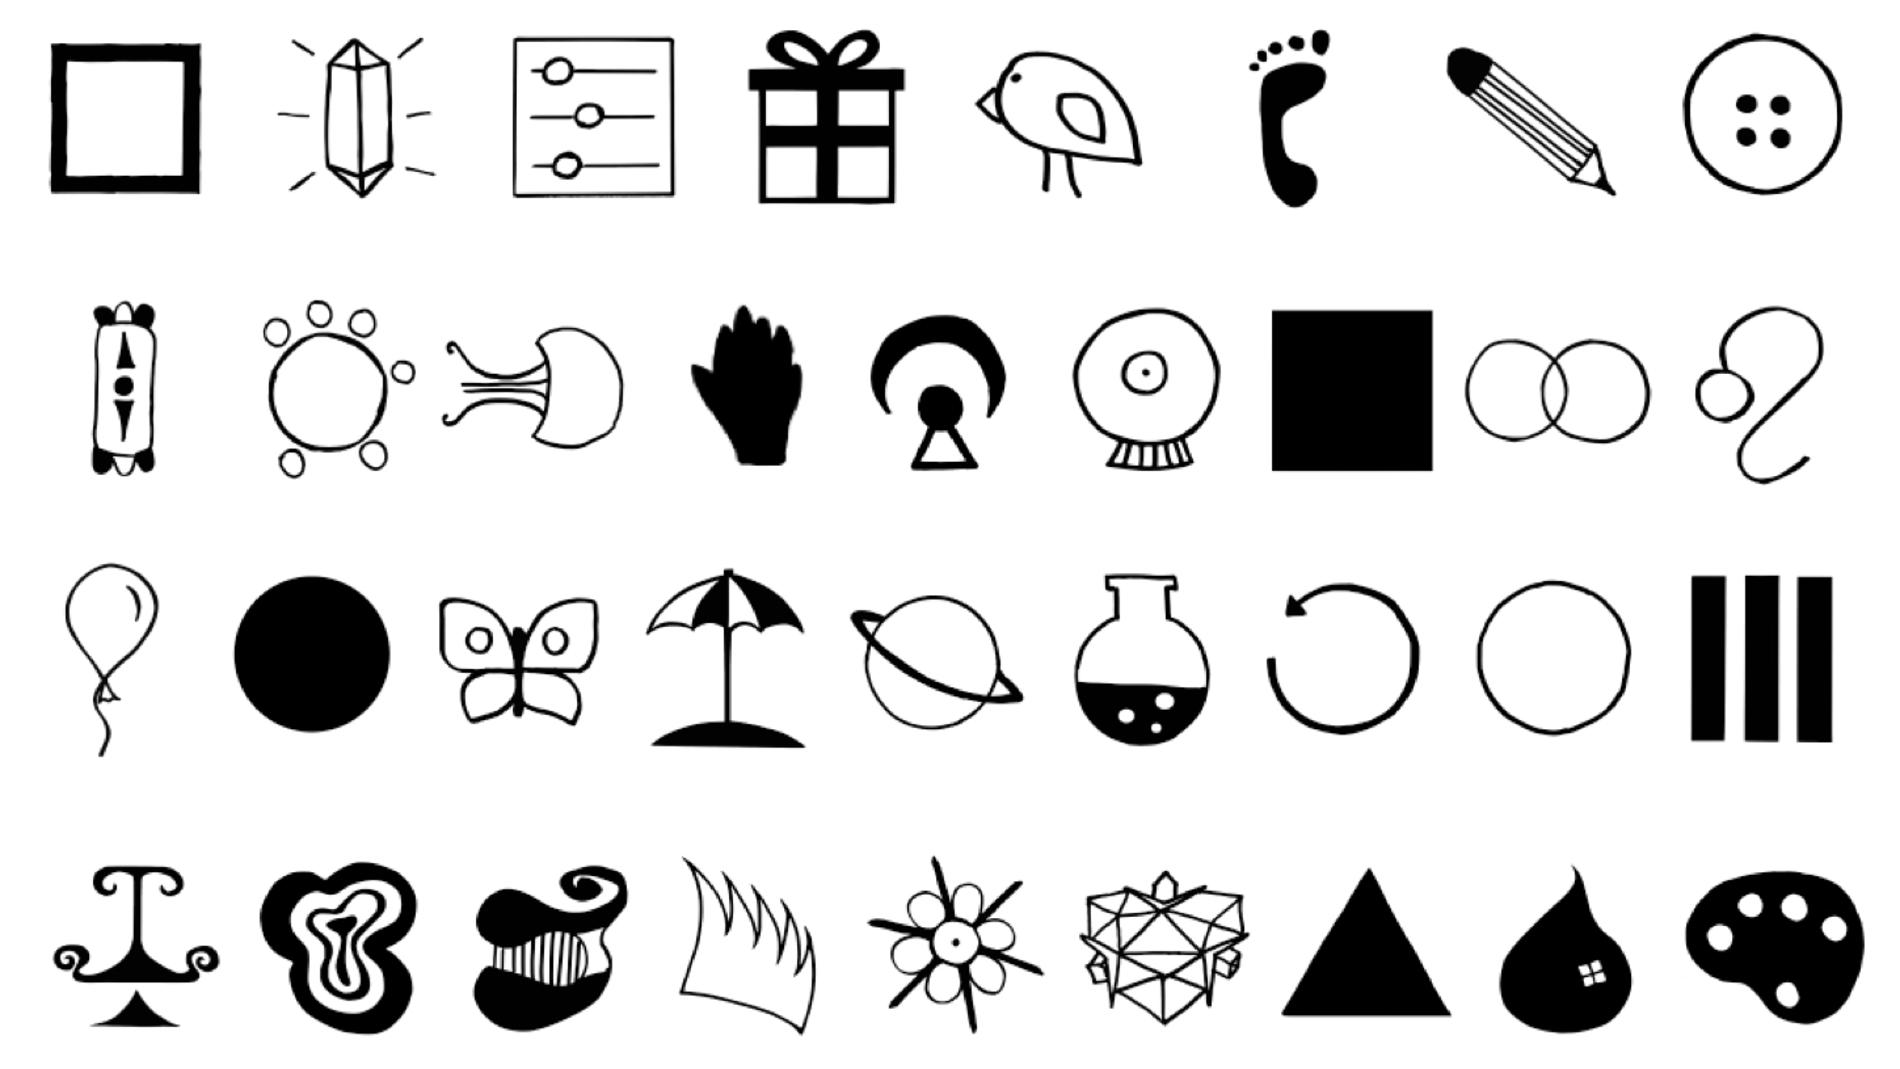 Una app para estudiar la evolucion del lenguaje humano jugando a crear tu propio idioma